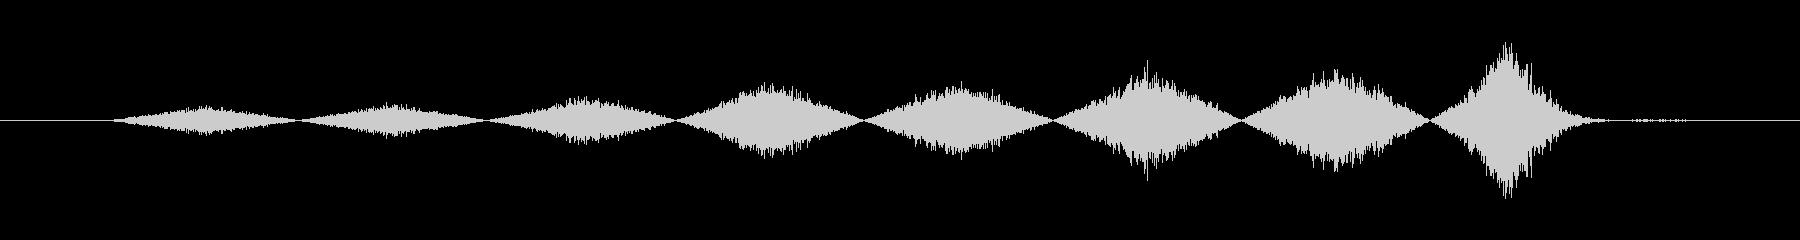 ビックリ音(ホラー・ゲームオーバー)の未再生の波形